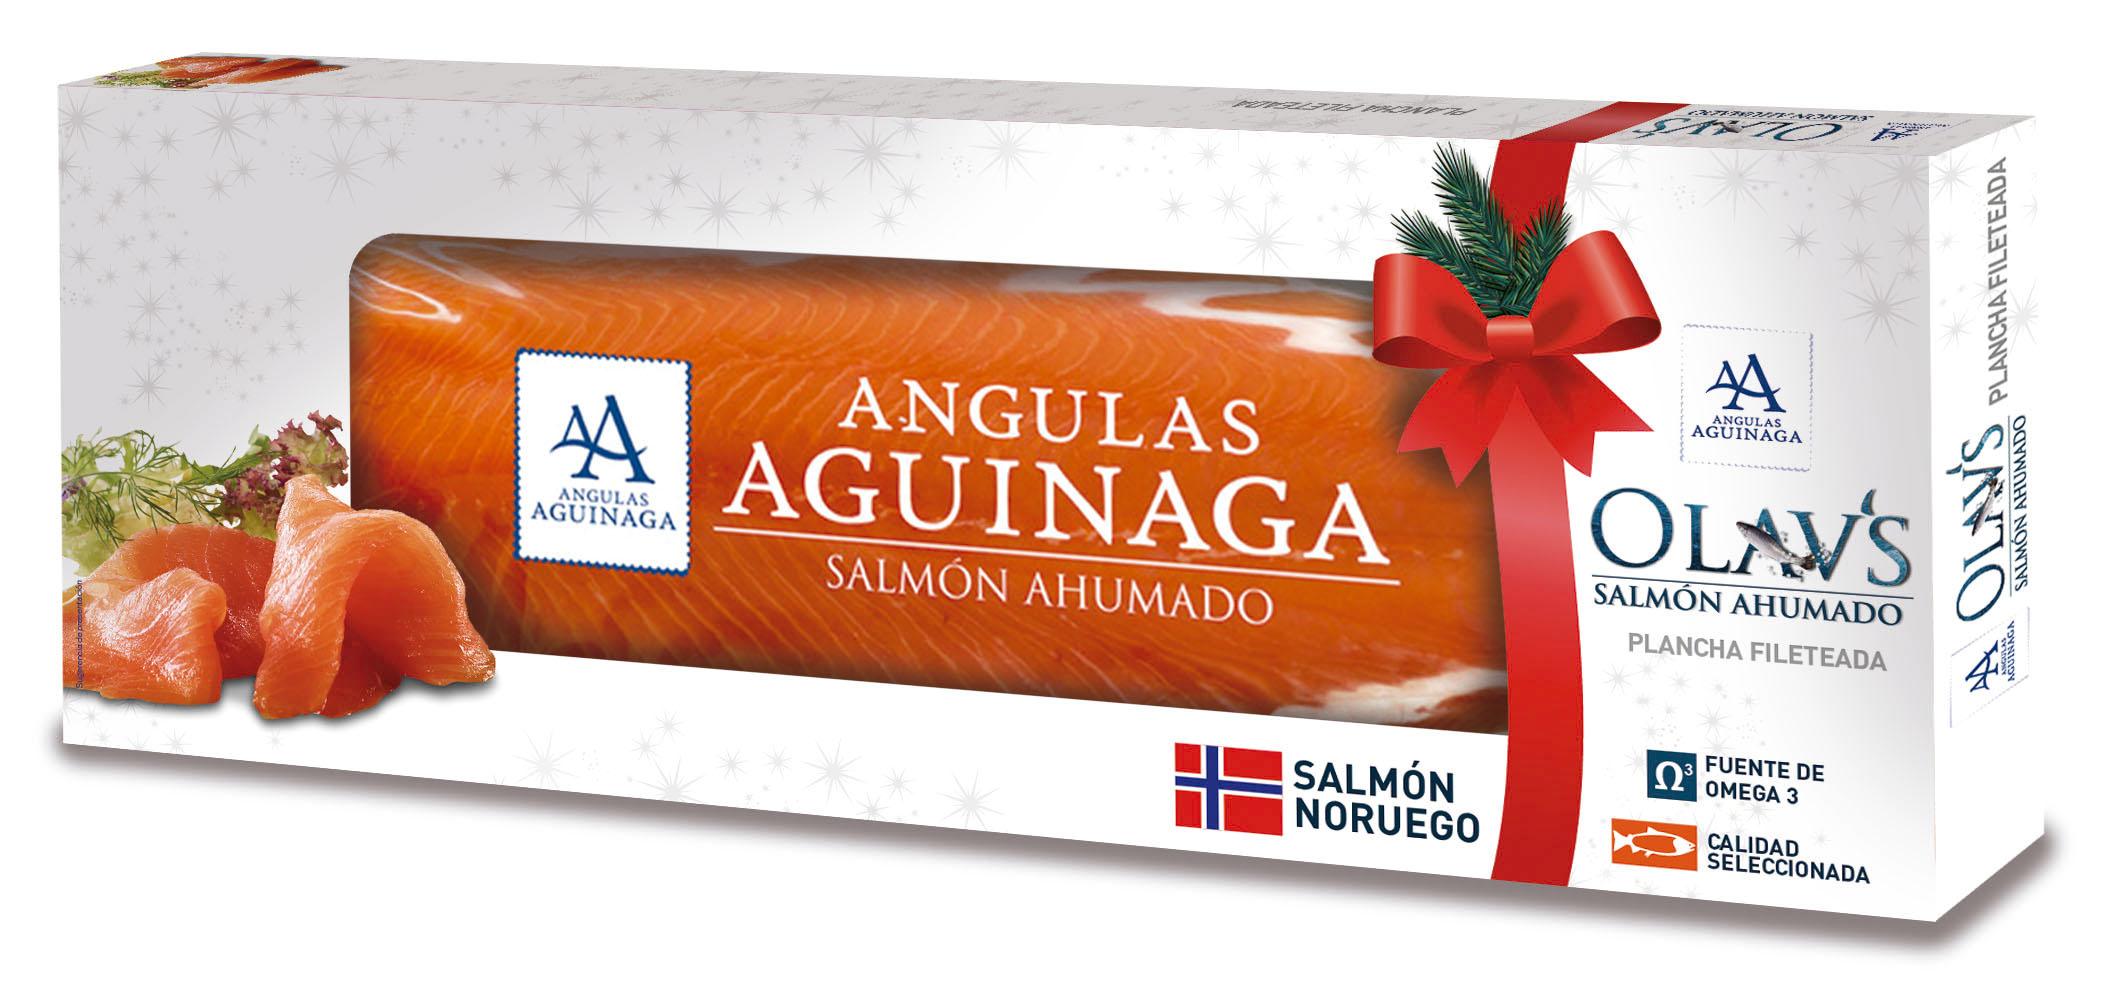 El salmón se renueva con la marca Olav´s esta Navidad